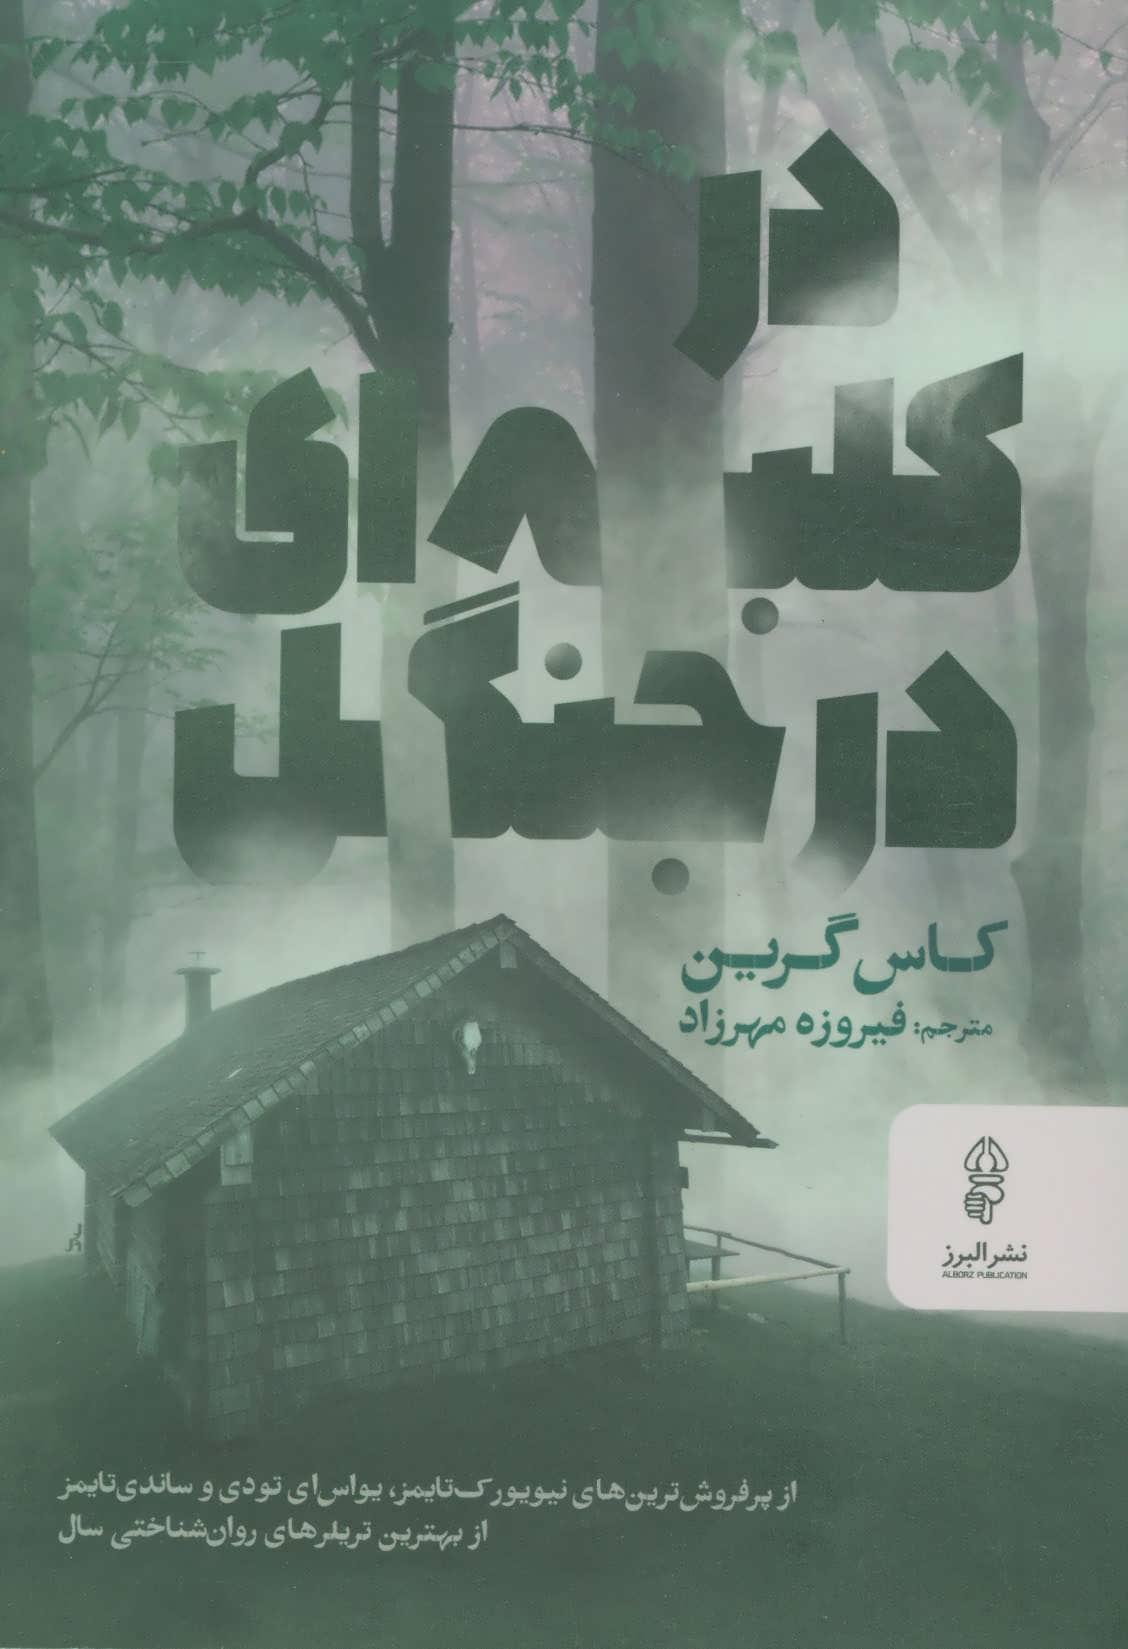 کتاب در کلبهای در جنگل